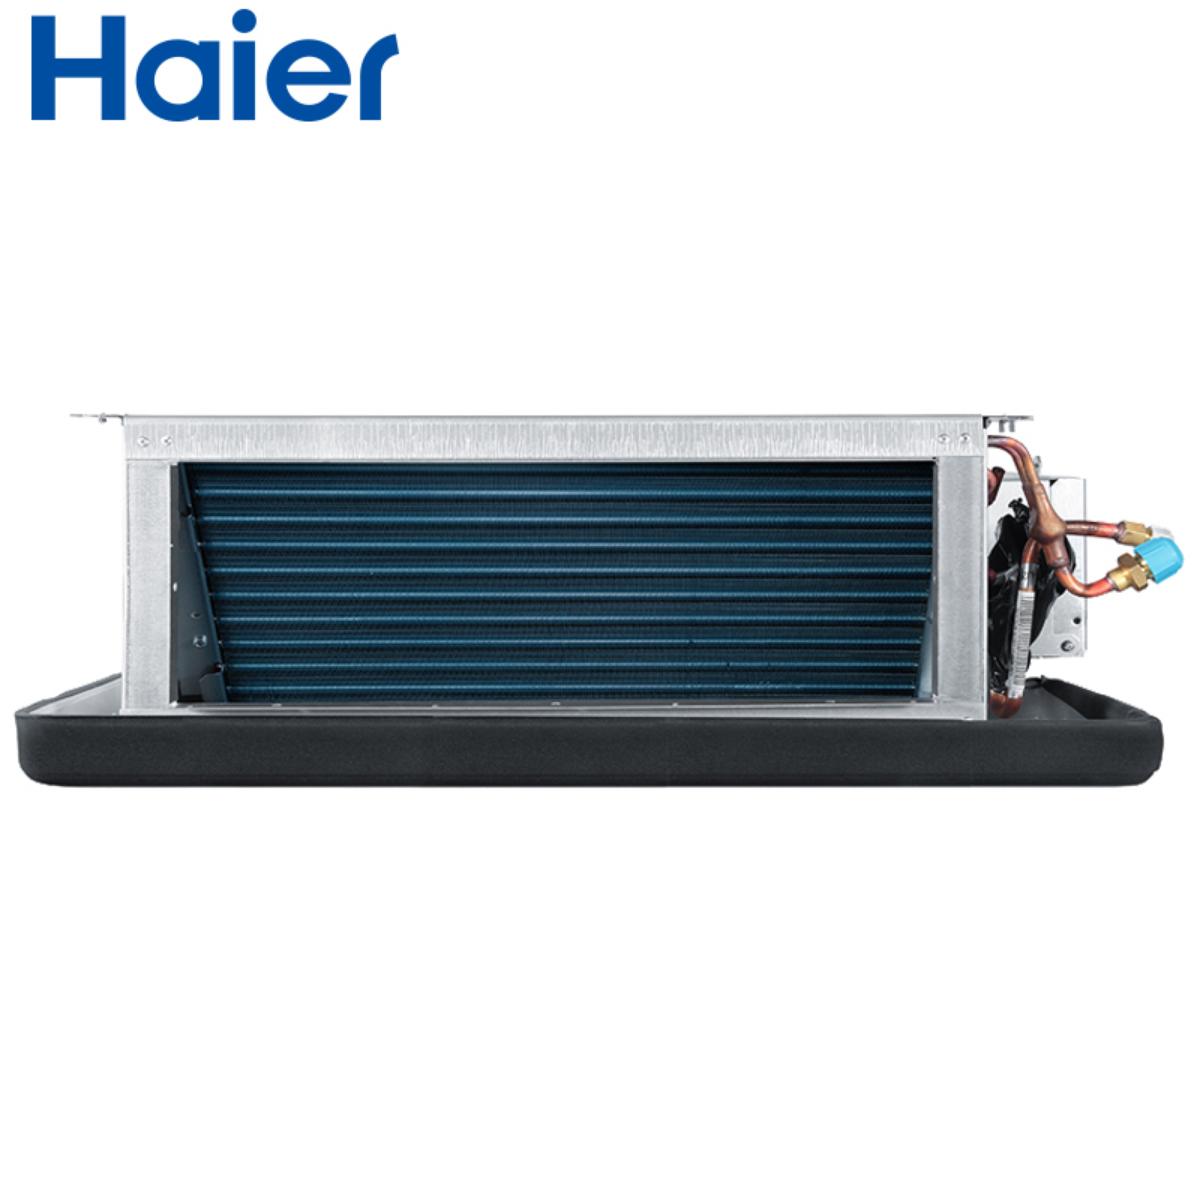 Haier/ Haier в машинах KFRd-75NW/620 центральный бытовой кондиционер большой 3 лошадь ветер трубы тонкие машина reader